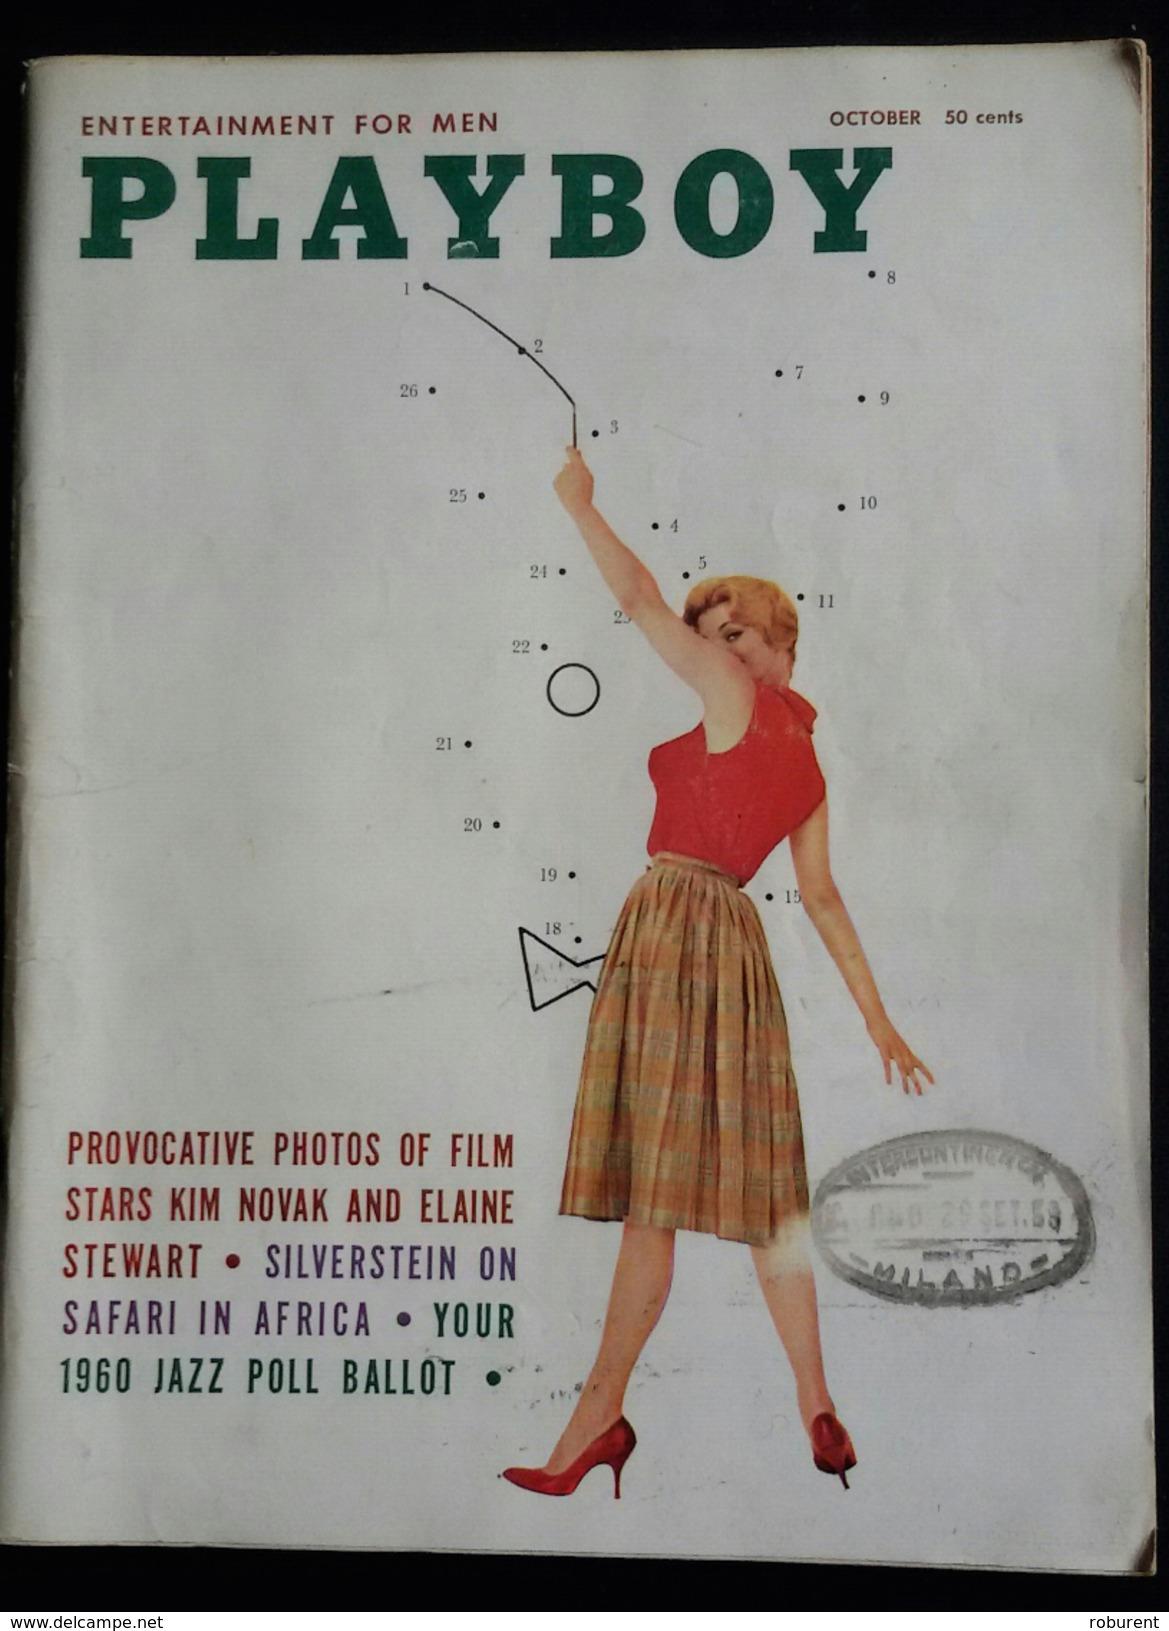 RIVISTA AMERICANA - PLAYBOY - OCTOBER 1959 - 232 E. HOIO ST. CHICAGO 11,ILLINOIS (AUTENTICA NO RISTAMPA) - Libri, Riviste, Fumetti